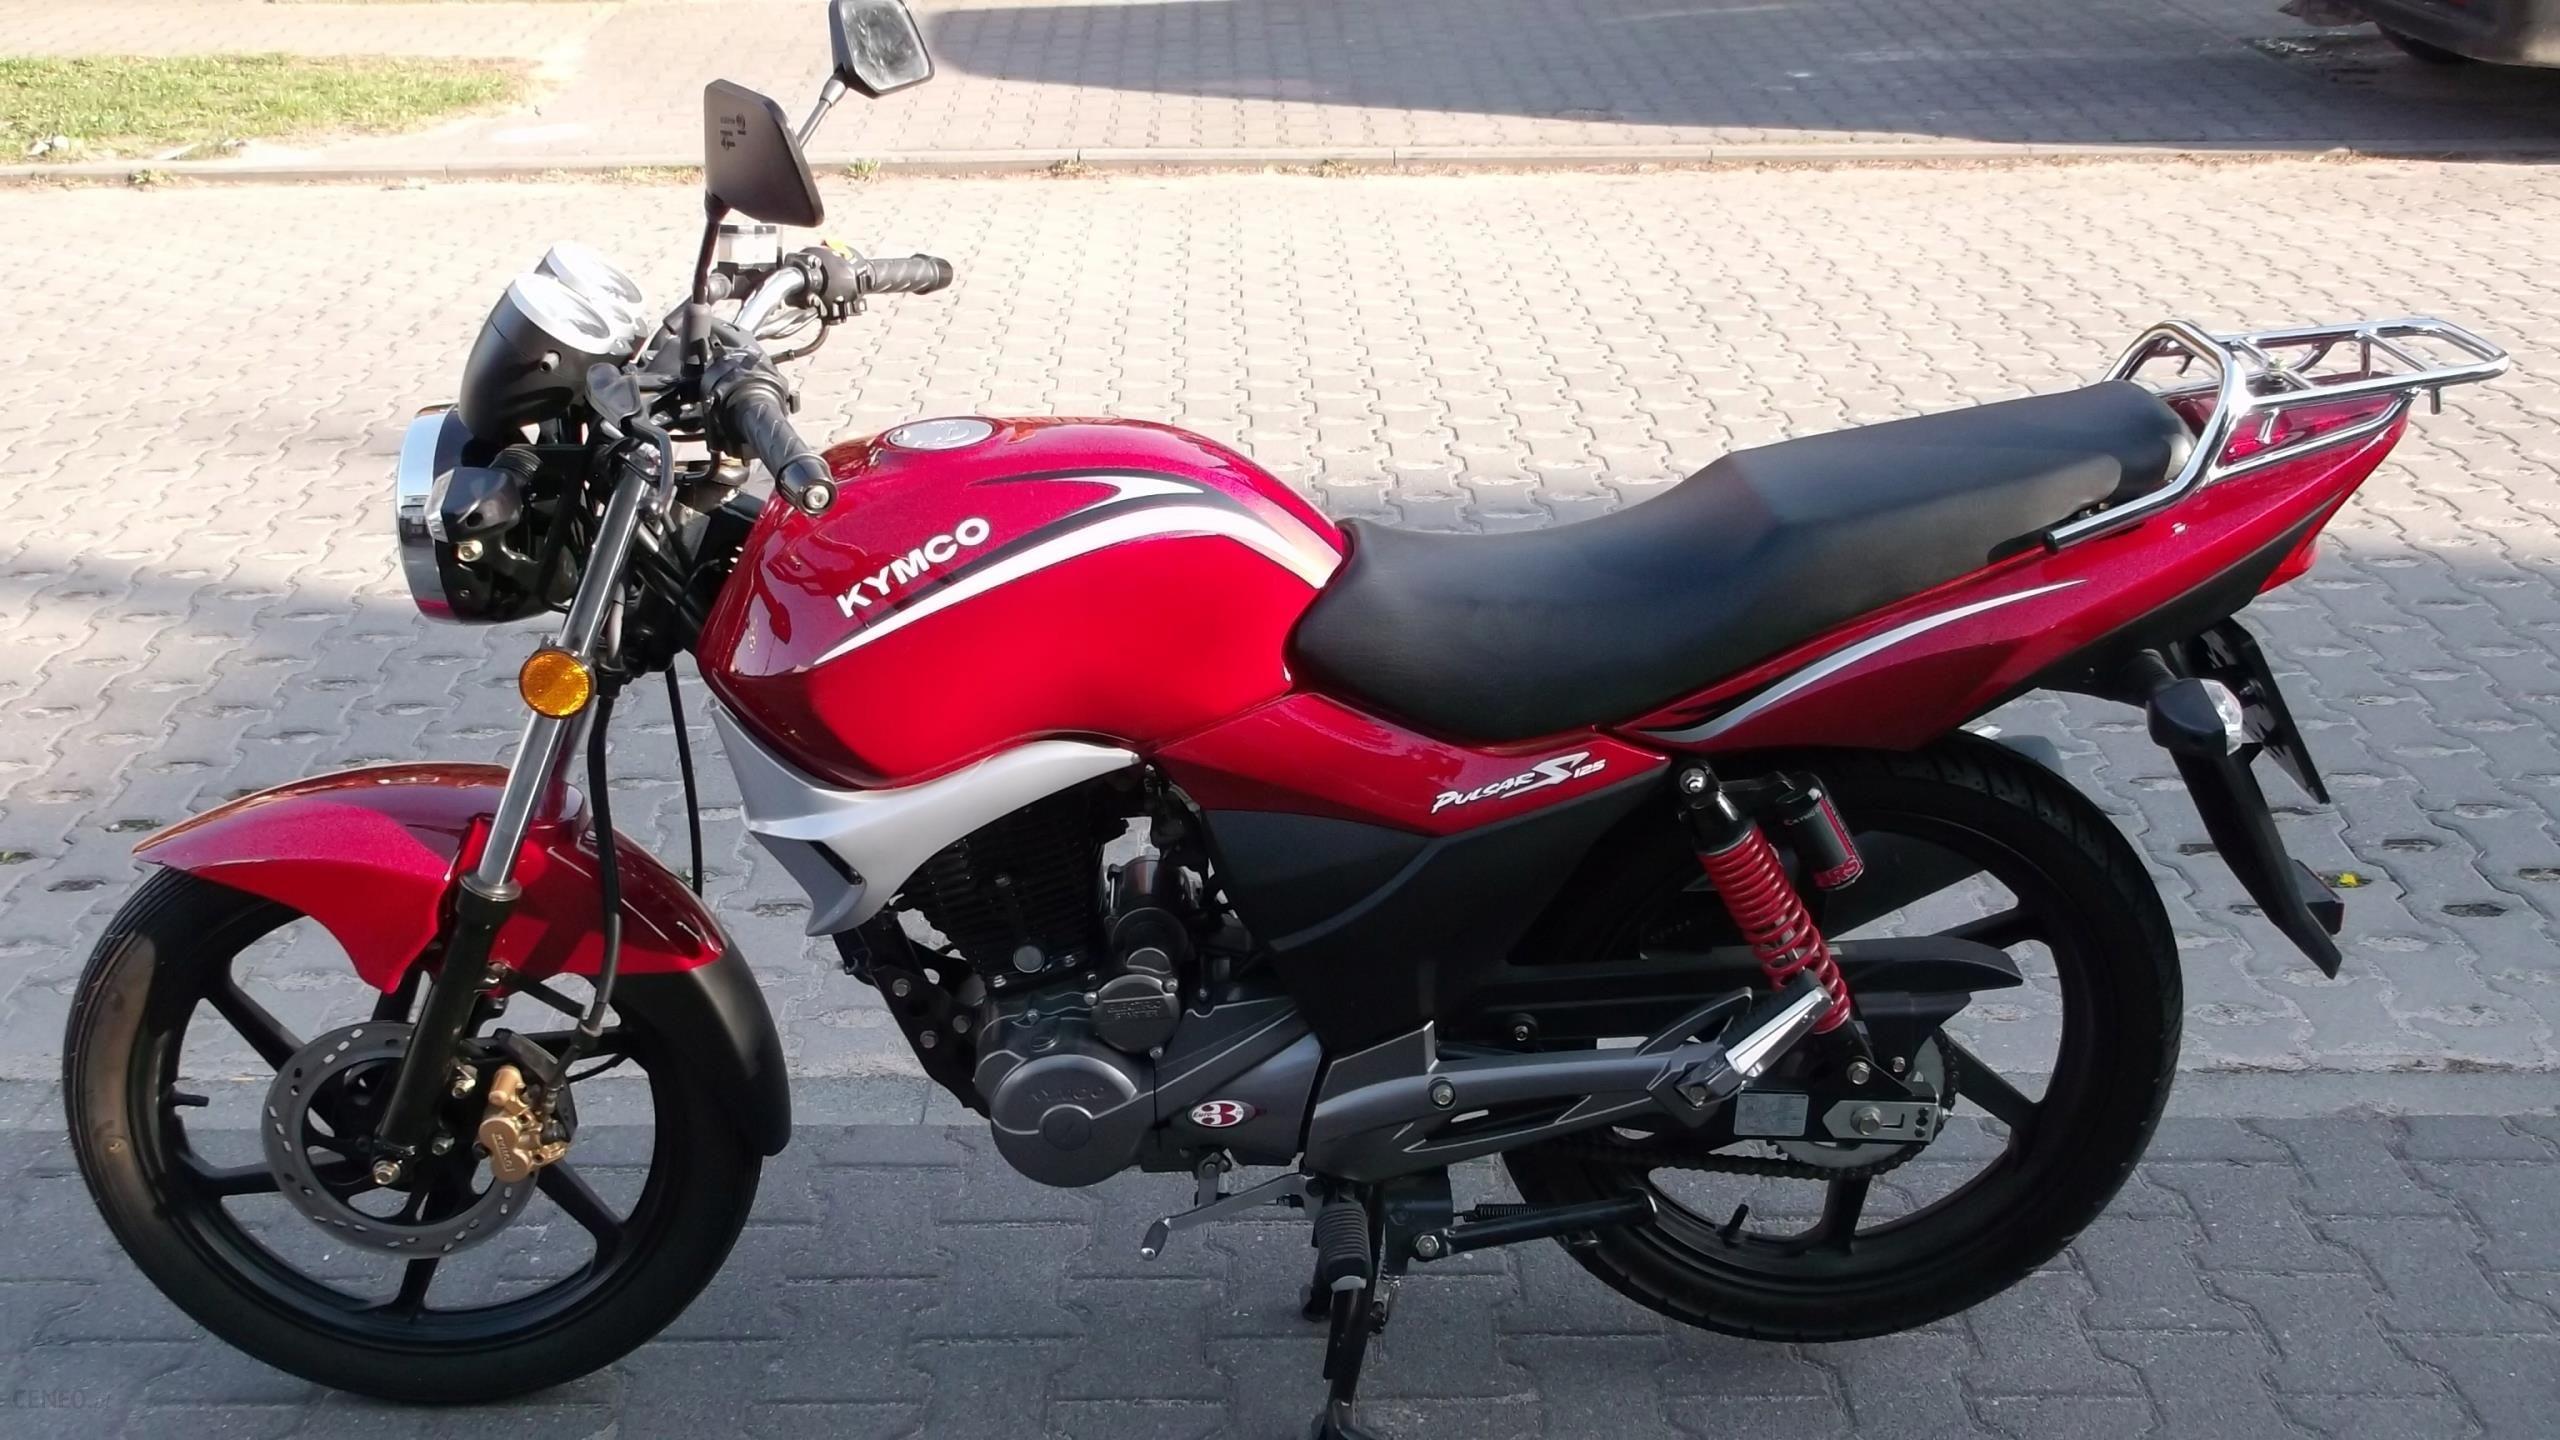 Motocykl Kymco 125 Ccm Opinie I Ceny Na Ceneo Pl